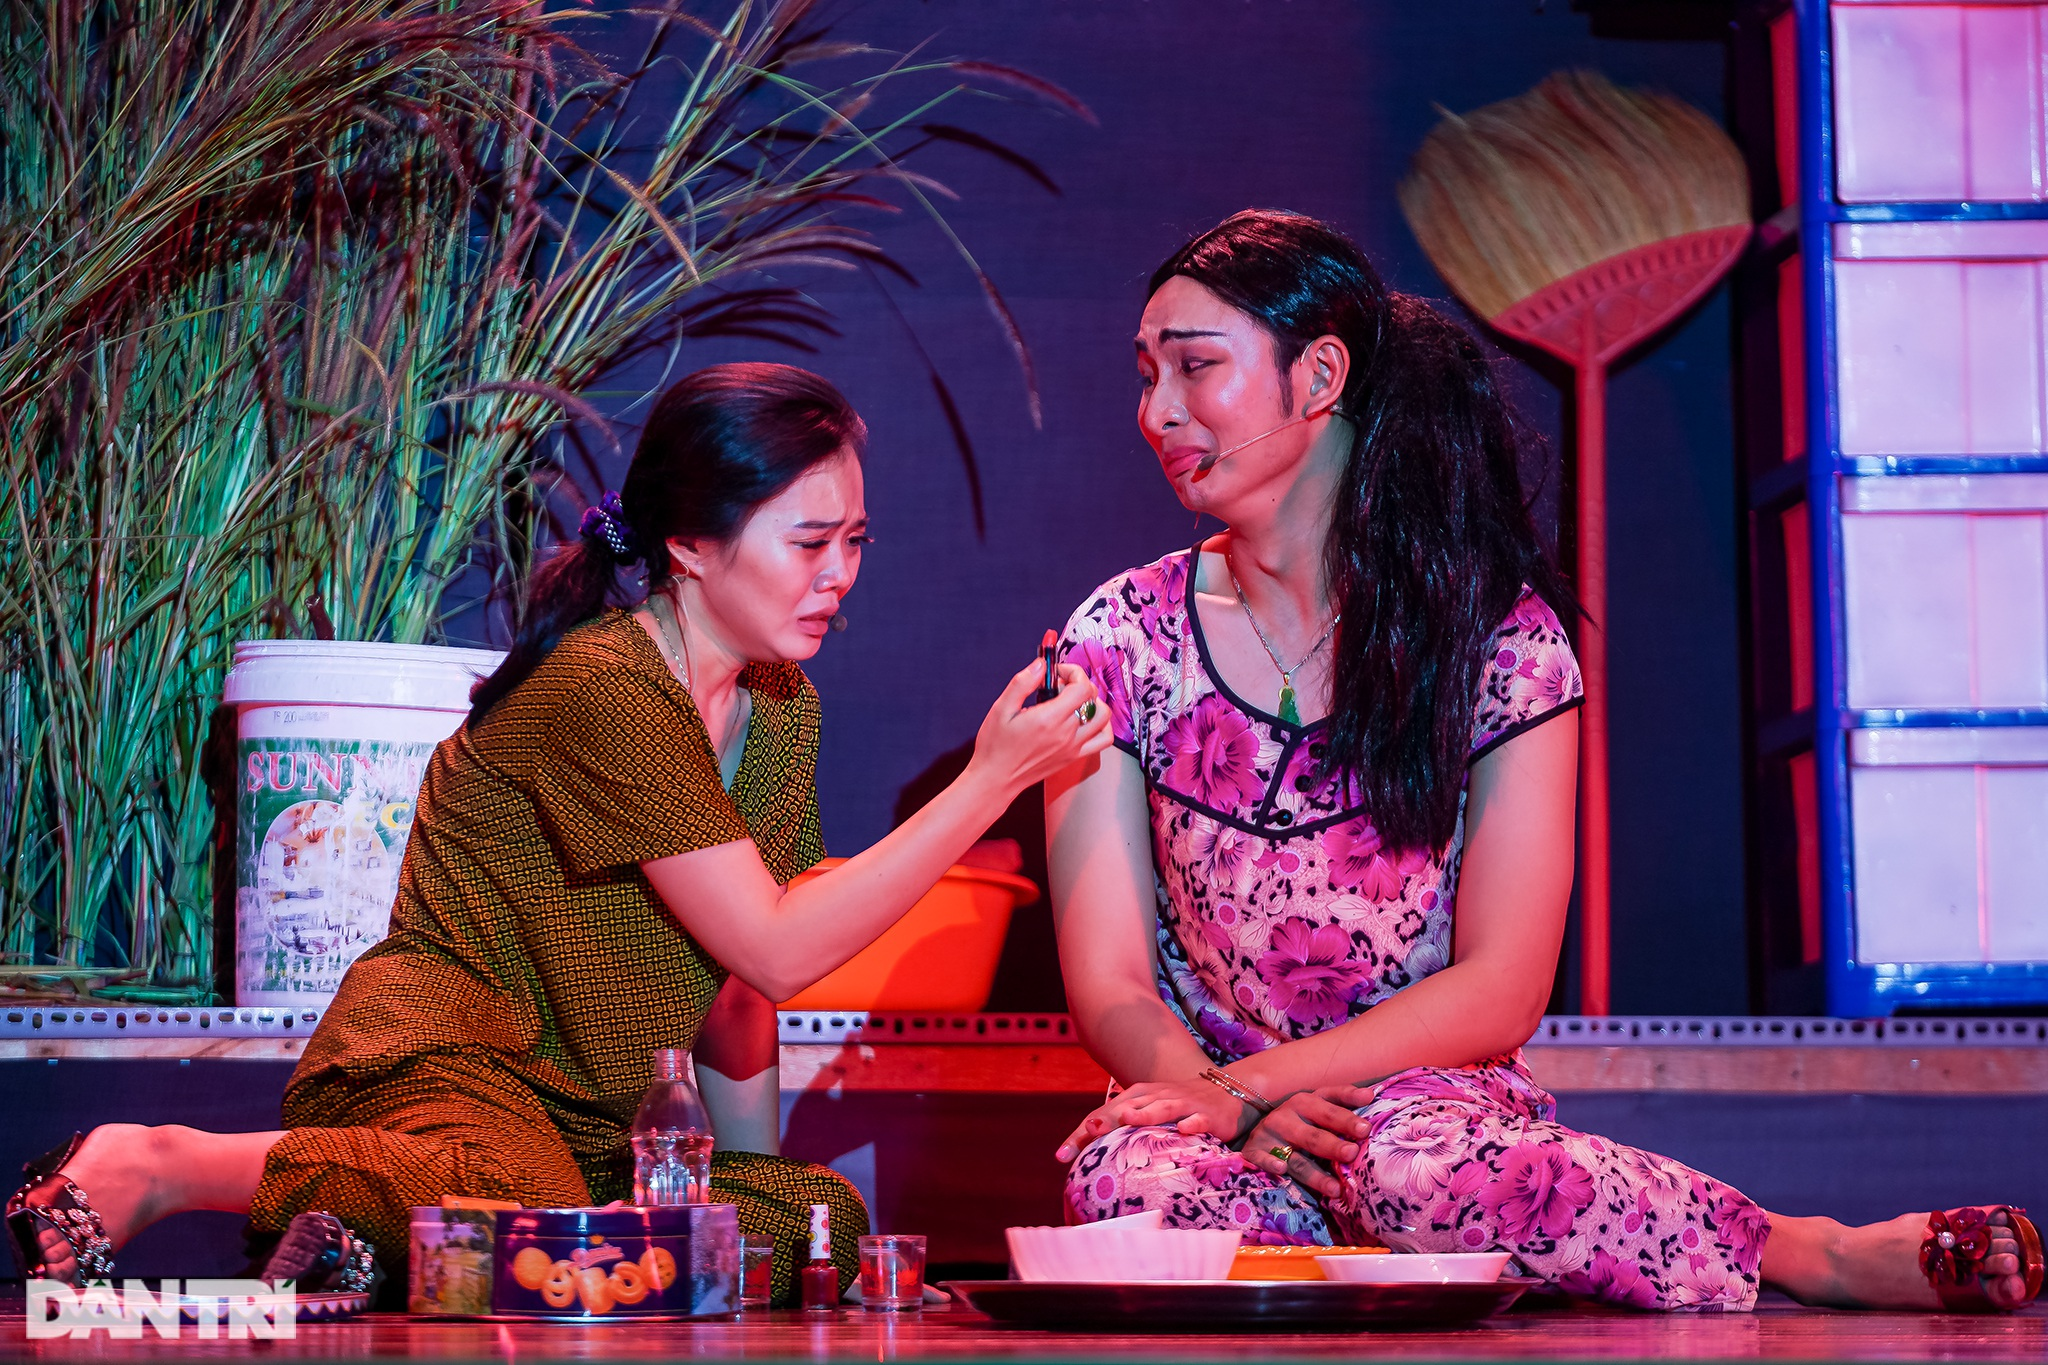 Bất ngờ khoảnh khắc: Khi sinh viên làm kịch chuyên nghiệp - 11